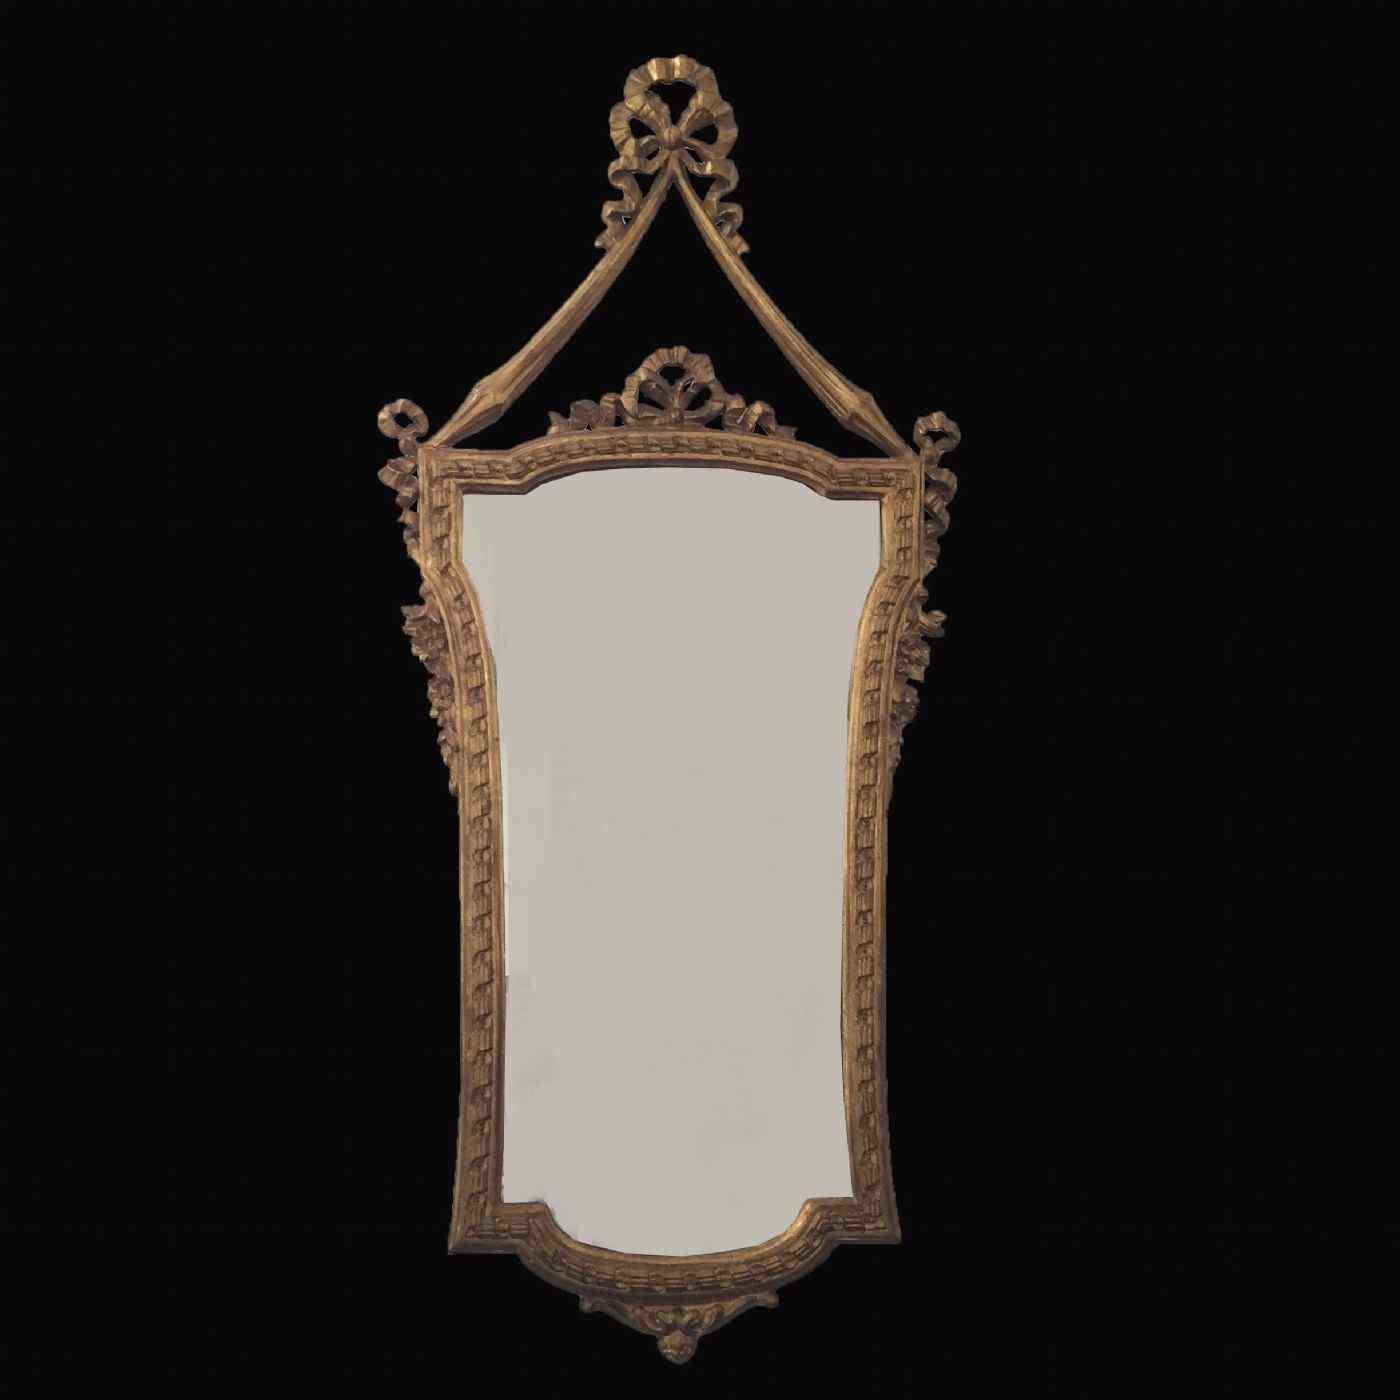 Miroir dor du xixe si cle anticswiss for Miroir xix siecle